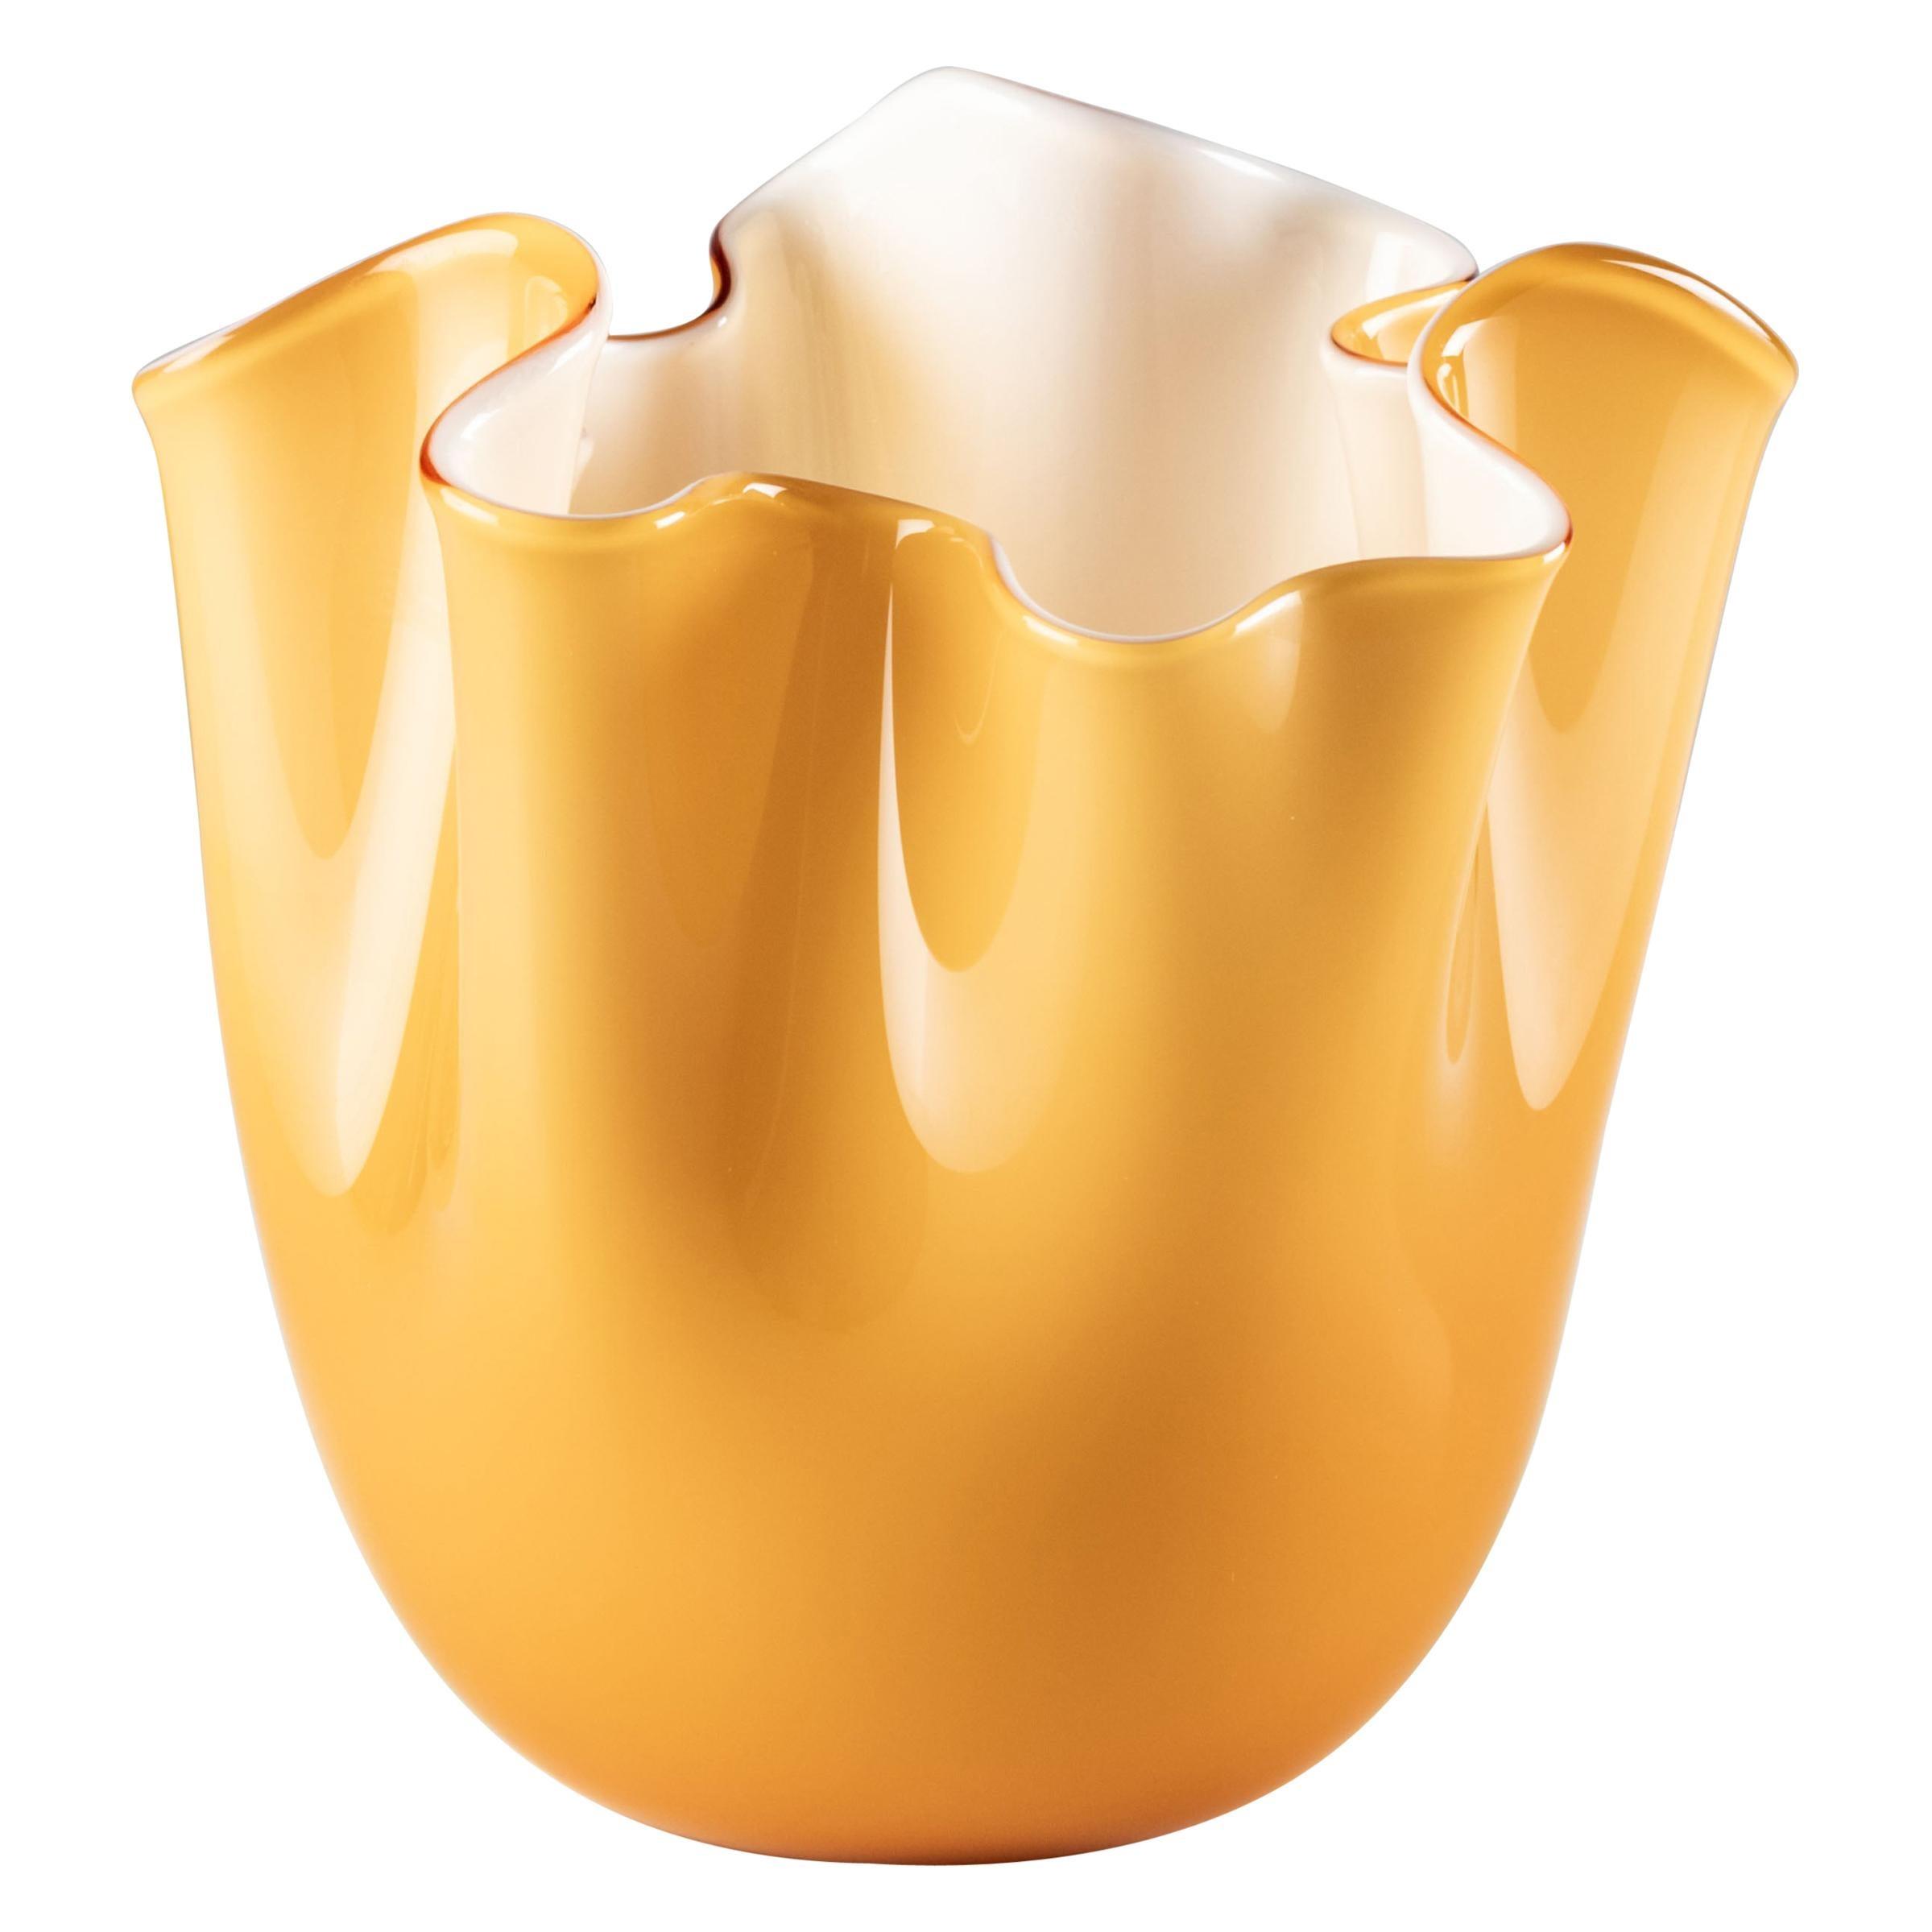 Venini Fazzoletto Opalino Small Vase in Amber Murano Glass